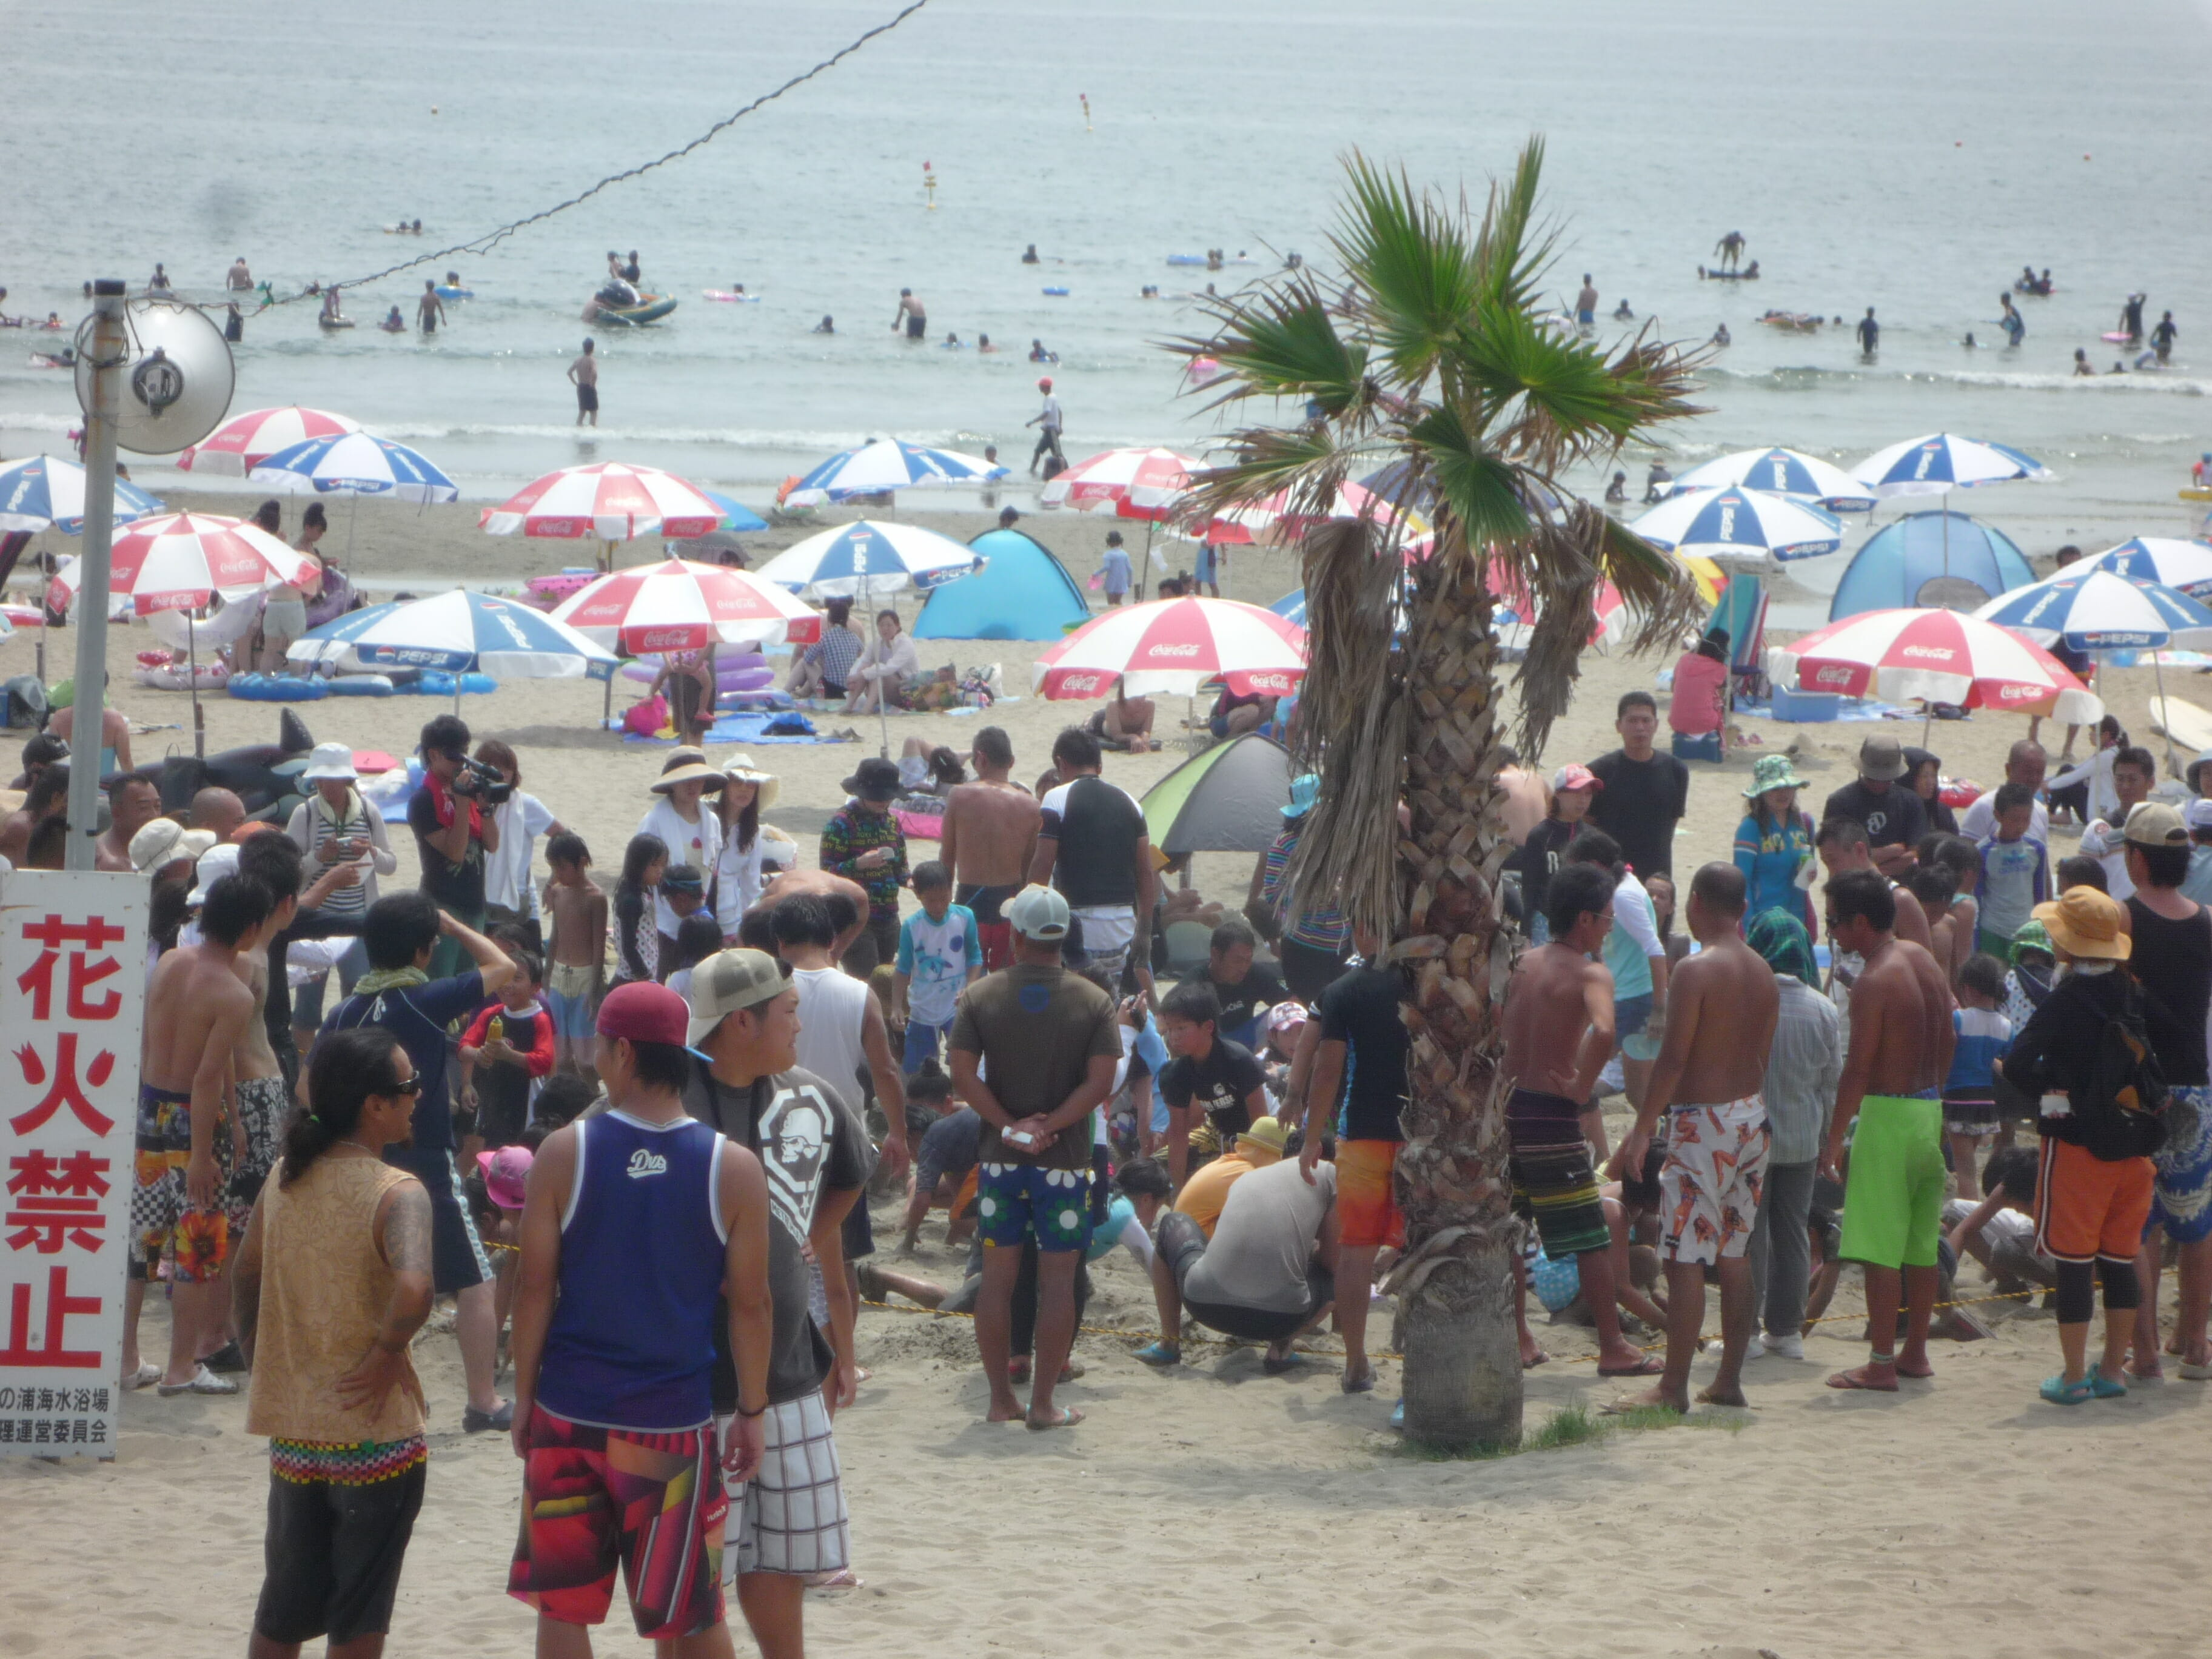 2013.8.4 夏だ!砂浜まつり